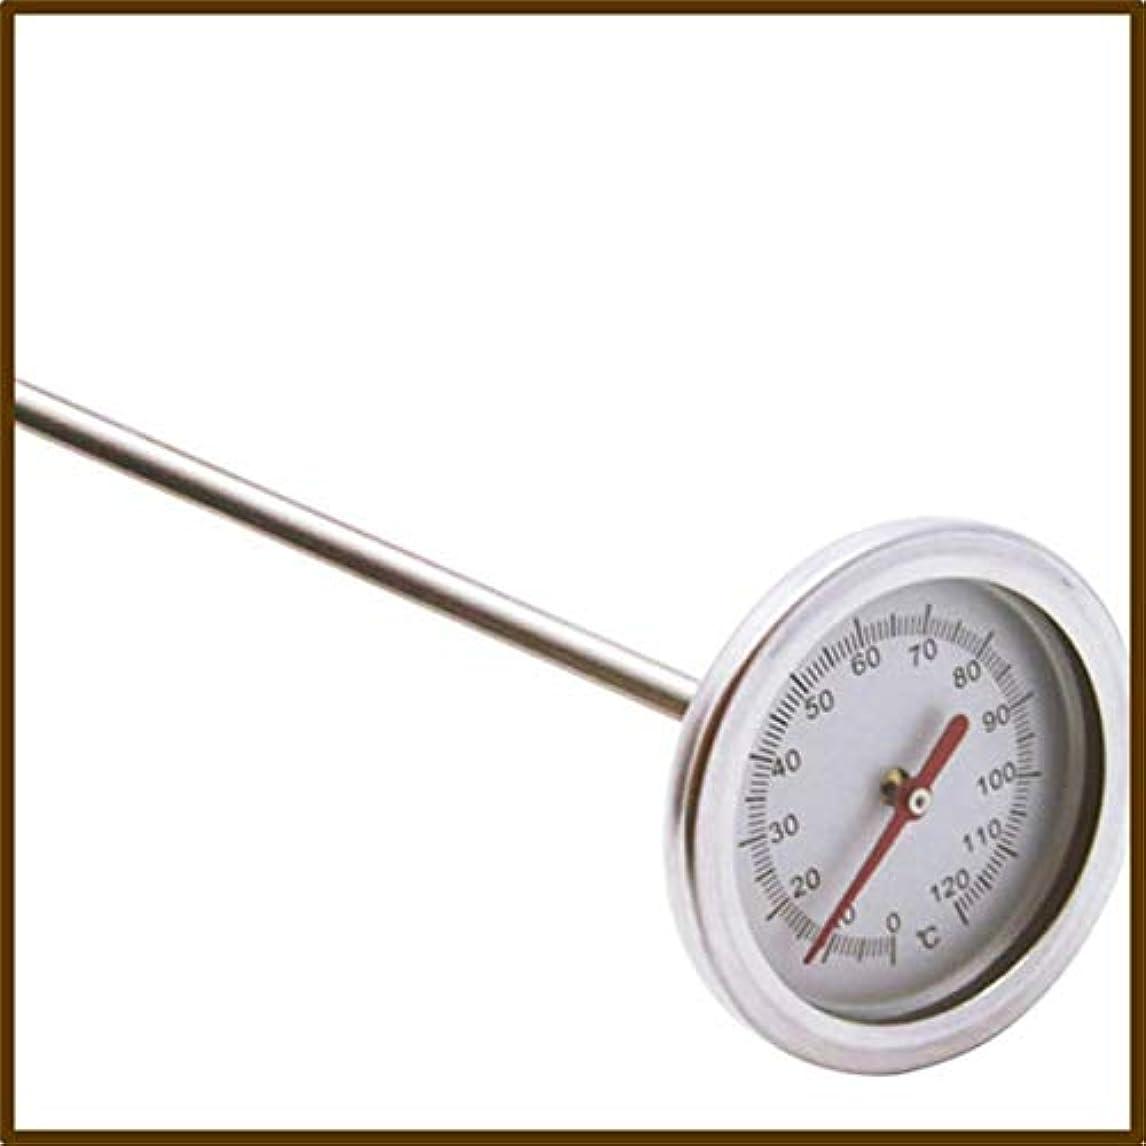 庭園頼むうなるSaikogoods 20インチ50cmの長さ 0℃-120℃ 堆肥の土壌温度計 プローブ検出器の測定プレミアム食品グレードステンレススチール メタル 銀